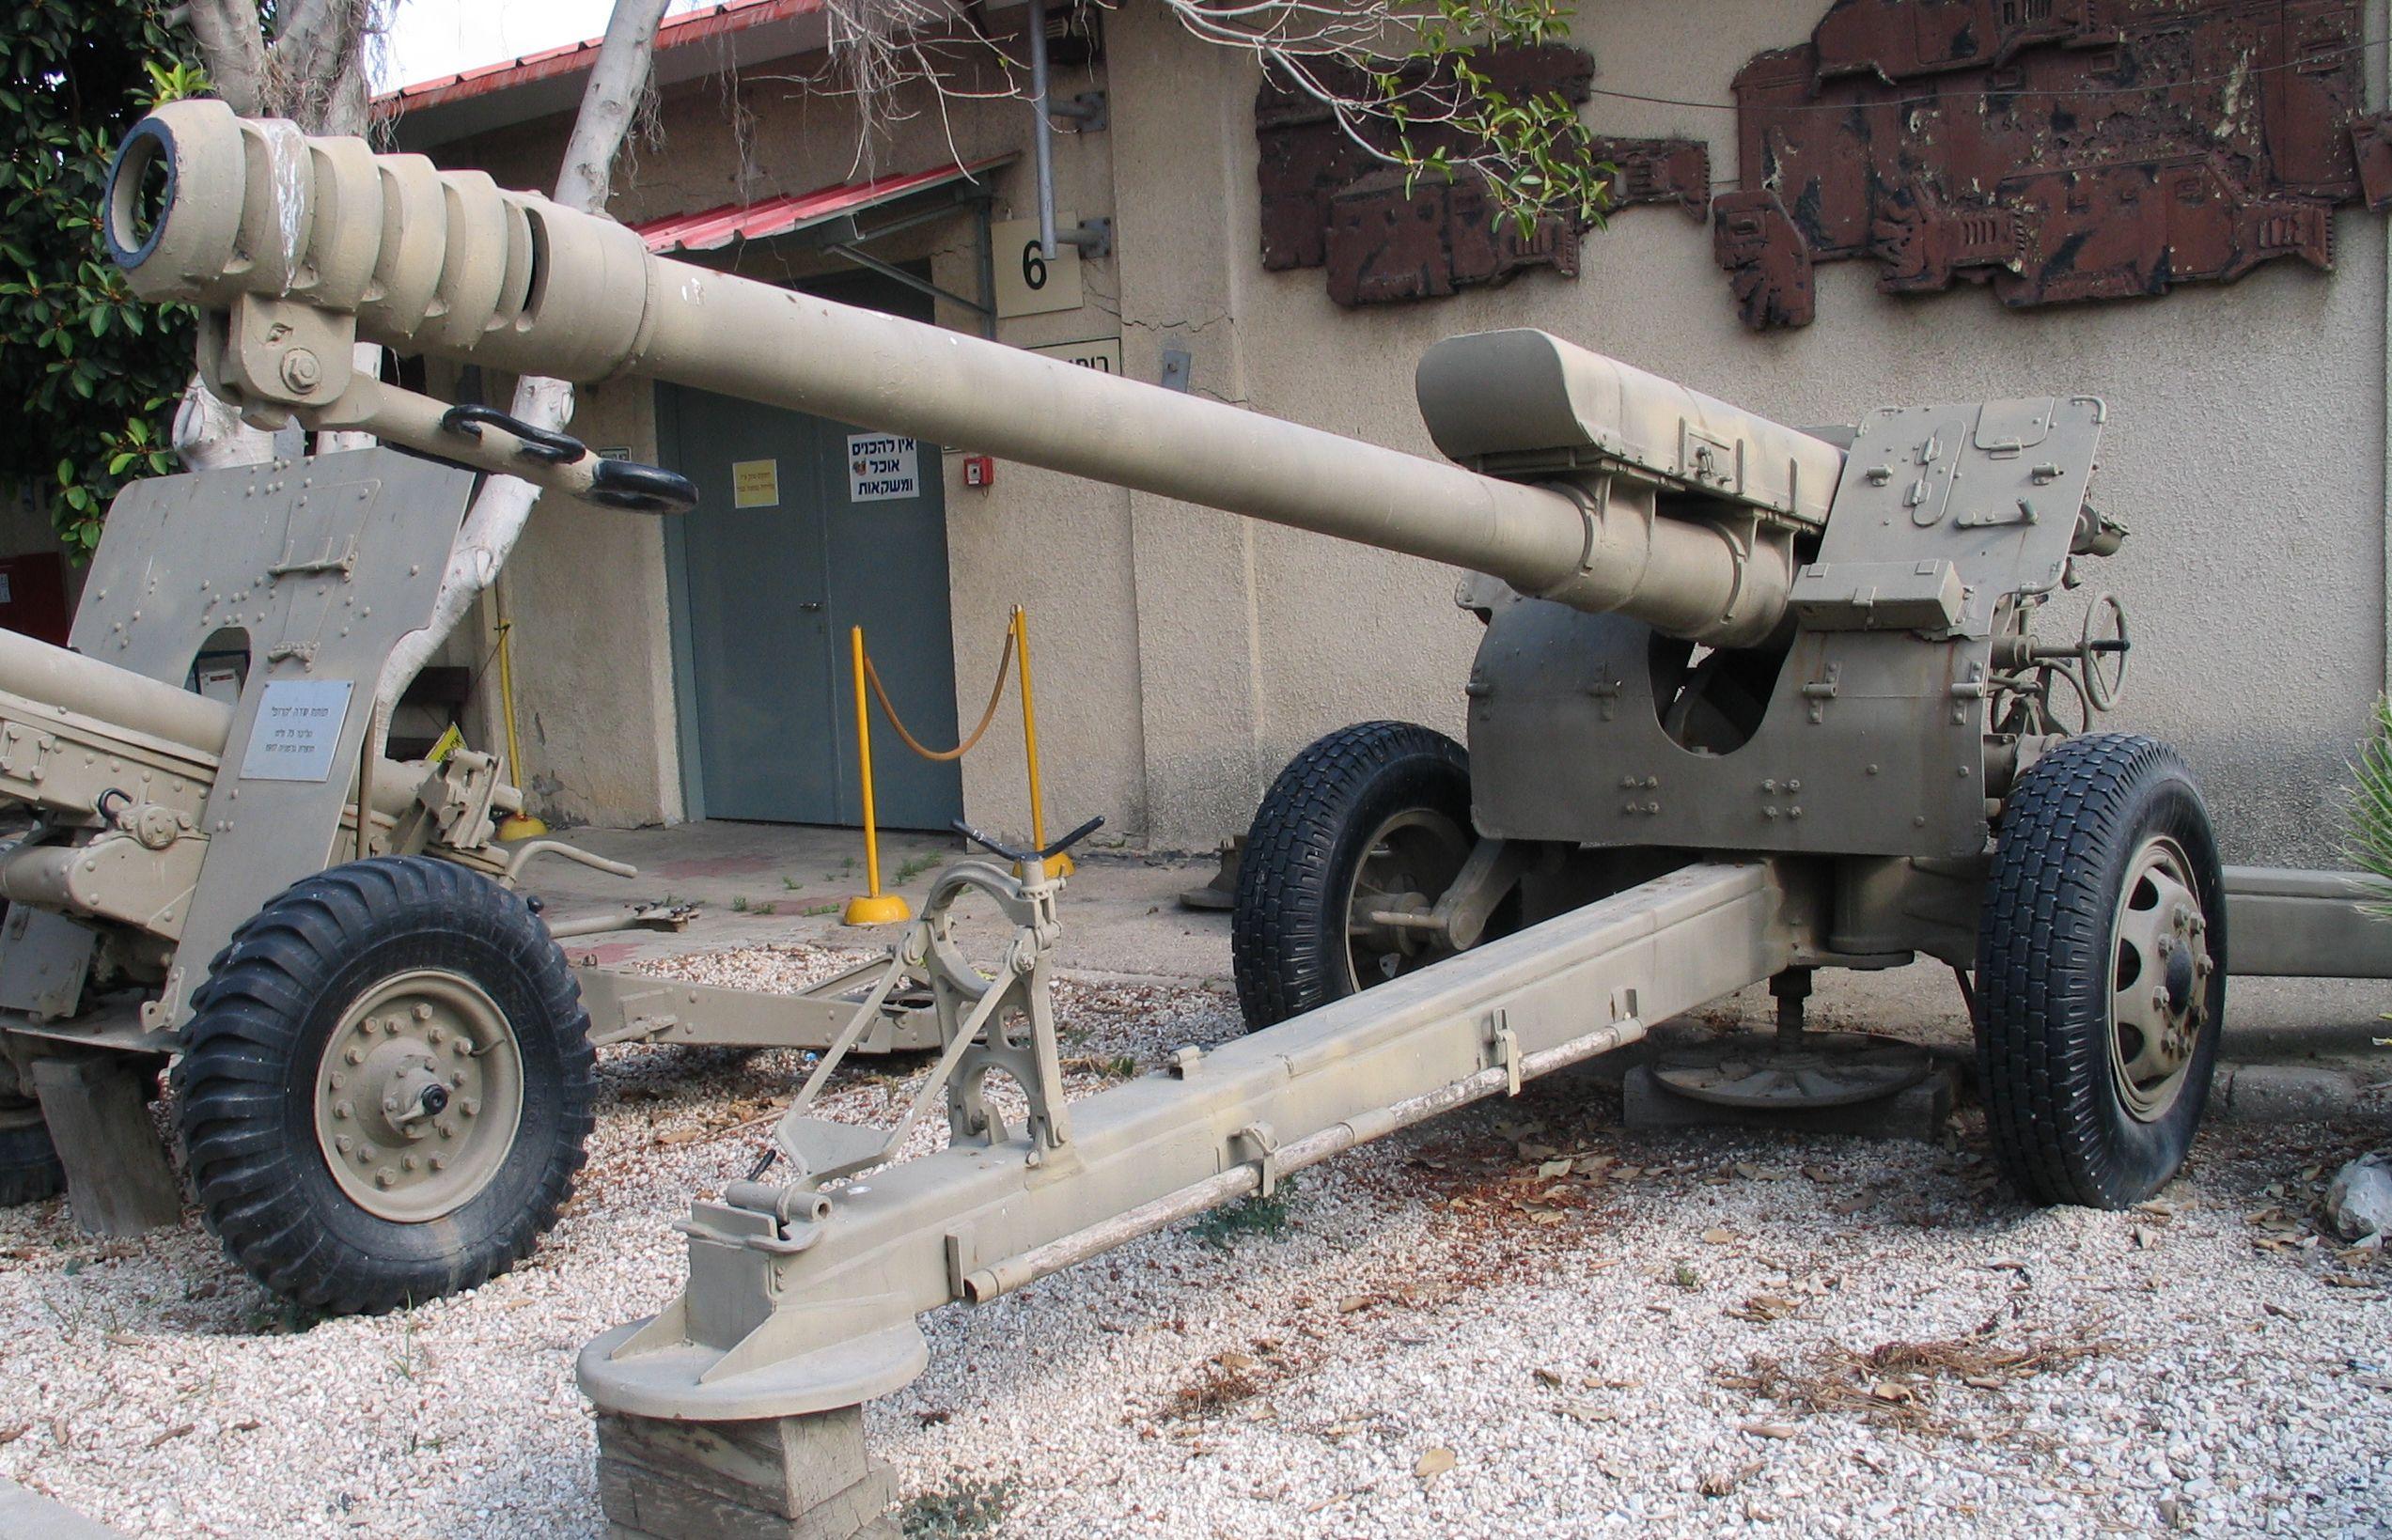 Archivo:D-30-122mm-howitzer-batey-haosef-1.jpg - Wikipedia, la ...